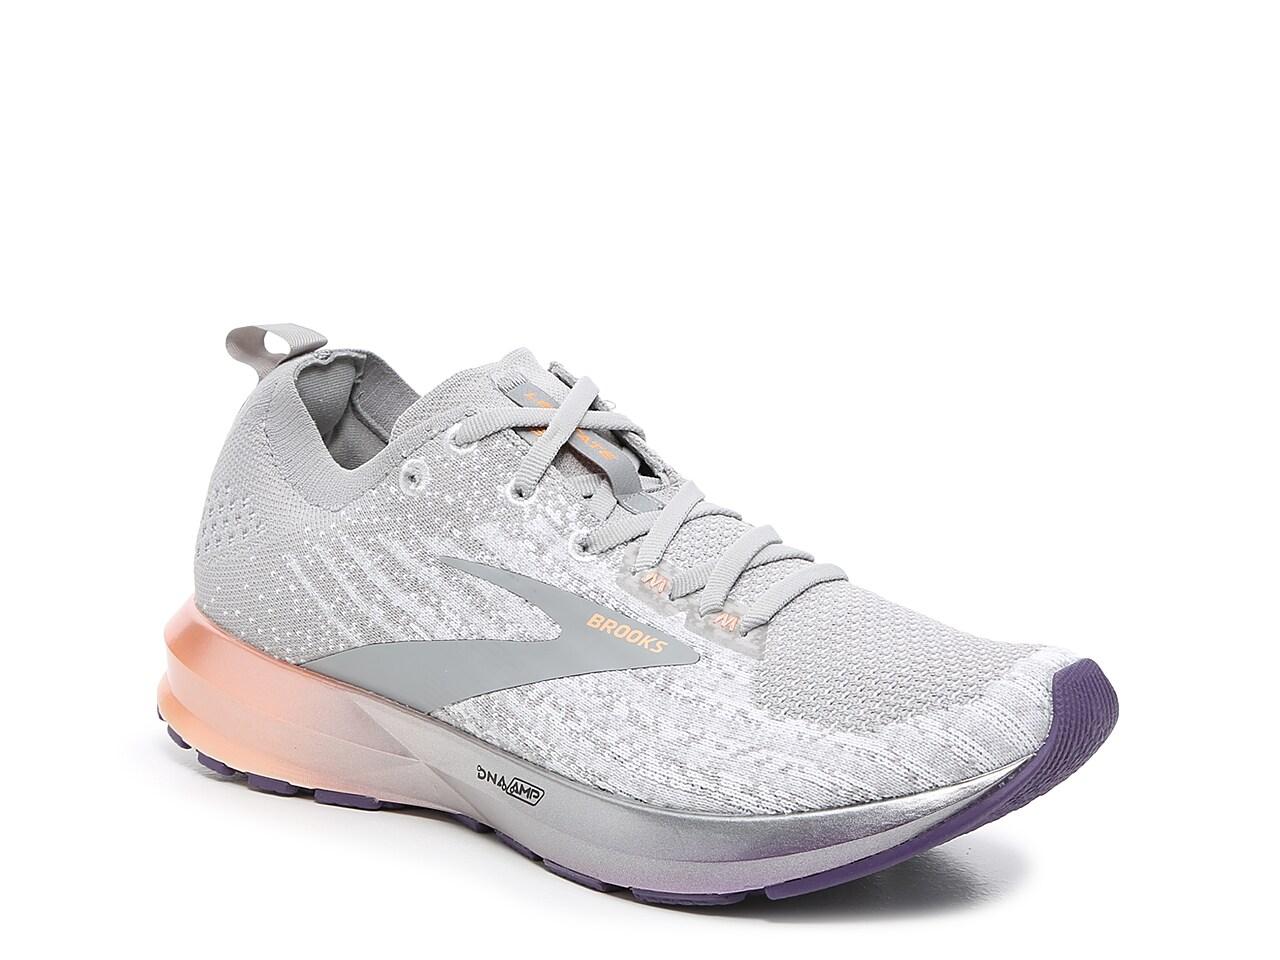 Levitate 3 Running Shoe - Women's